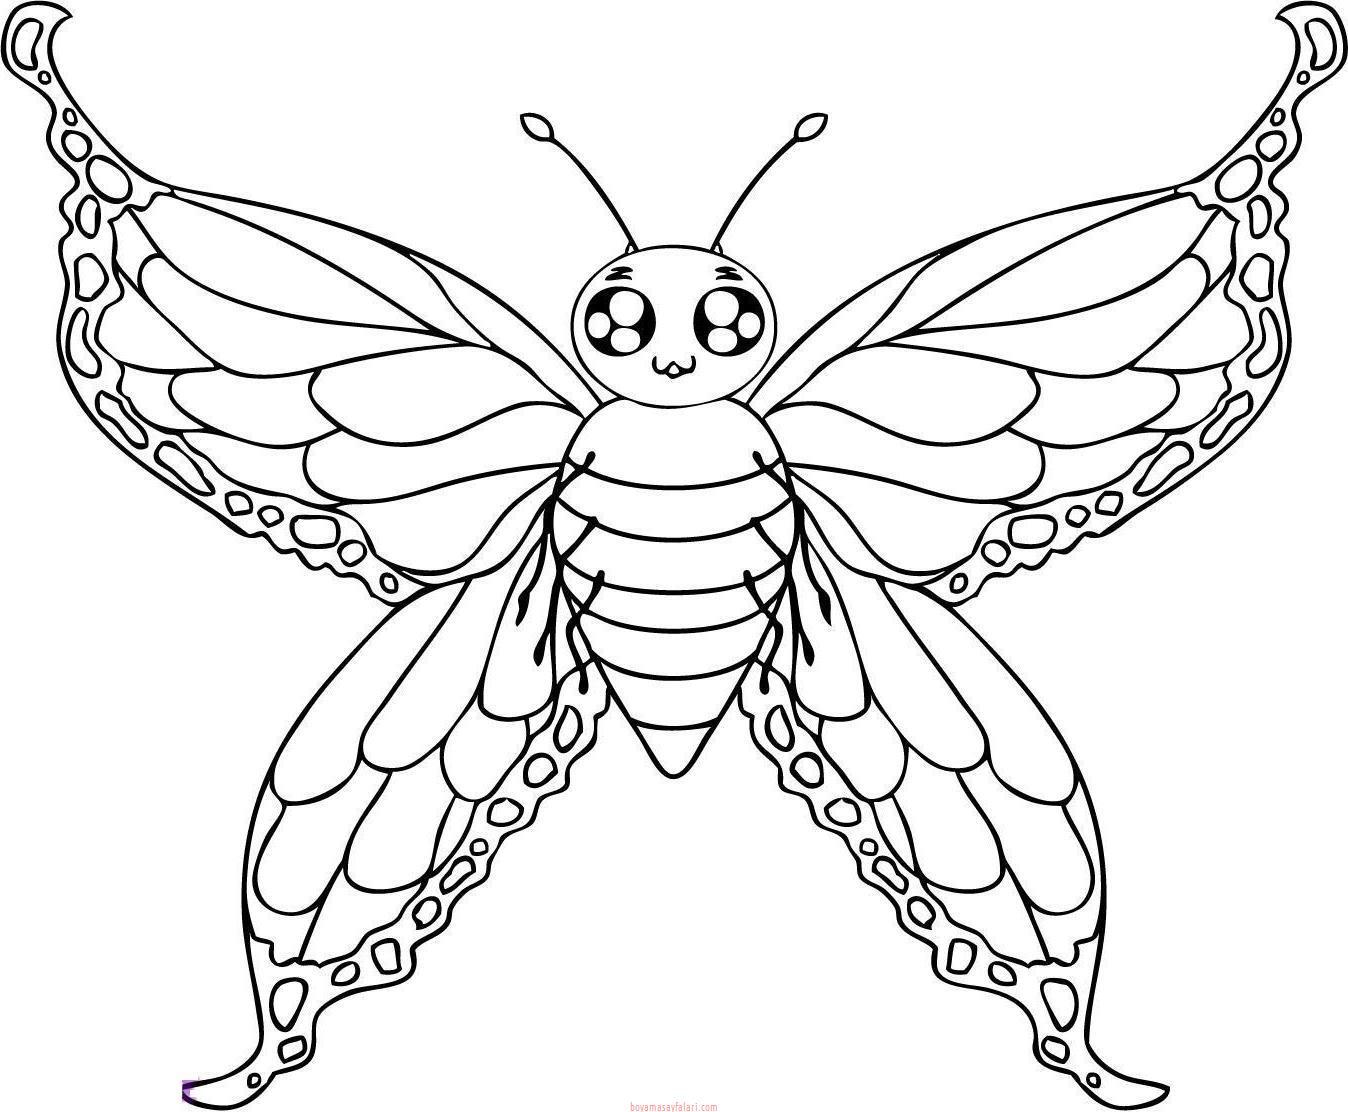 Kelebek Sablonlari 8 Sinif Ogretmenleri Icin Ucretsiz Ozgun